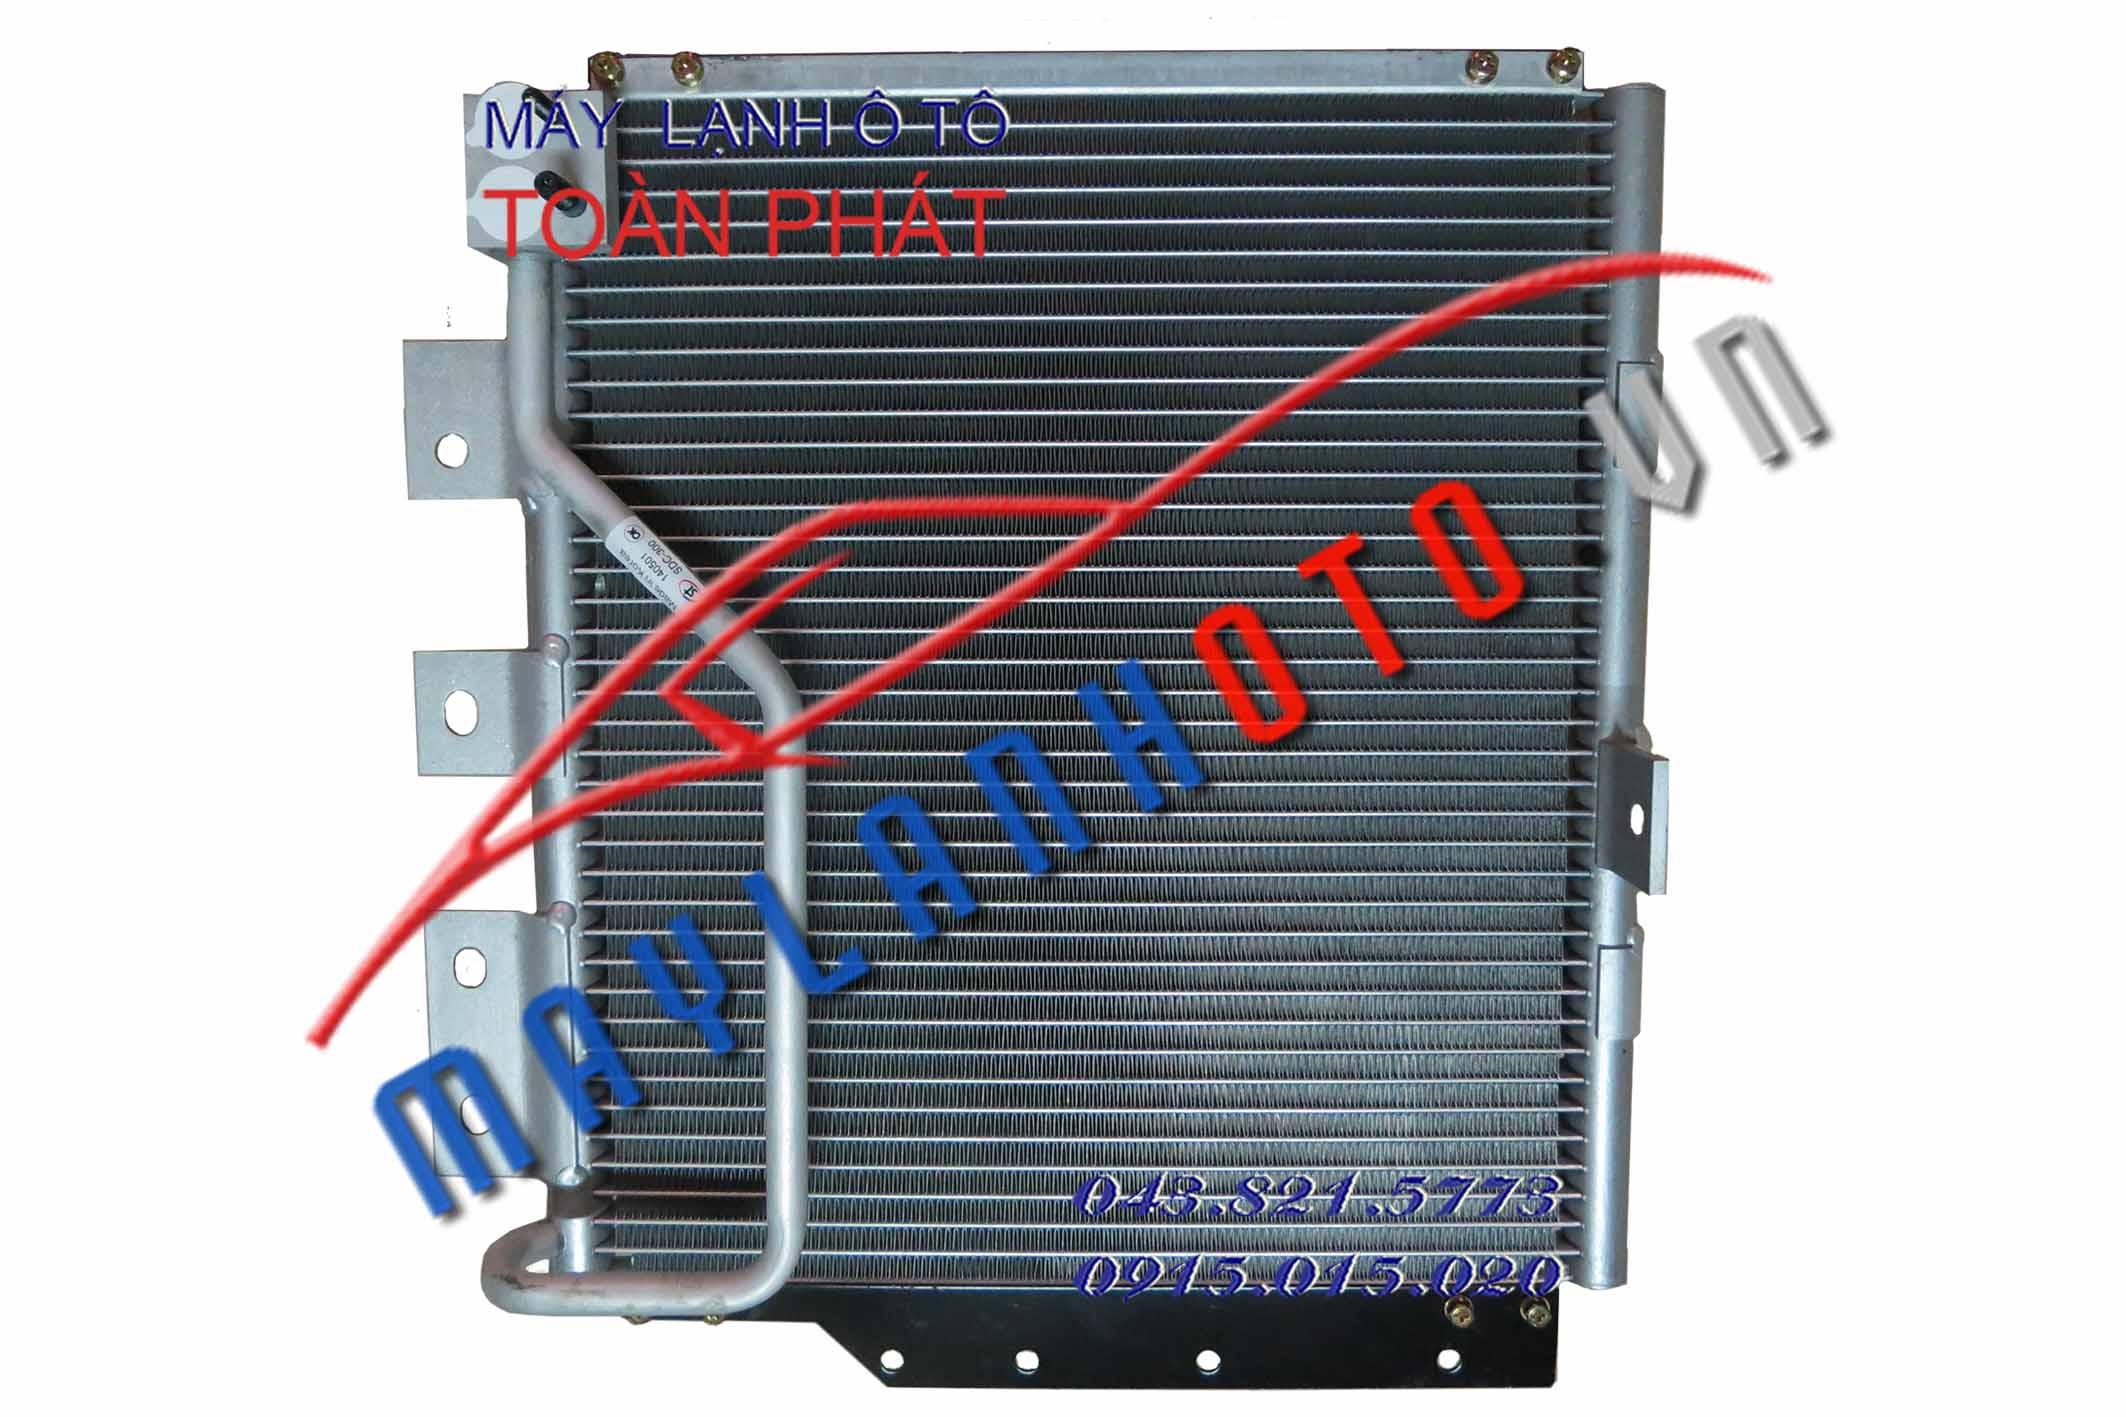 5 Tấn (dàn phụ) / Giàn nóng điều hòa Hyundai 5 tấn / Dàn nóng điều hòa Hyundai 5 tấn